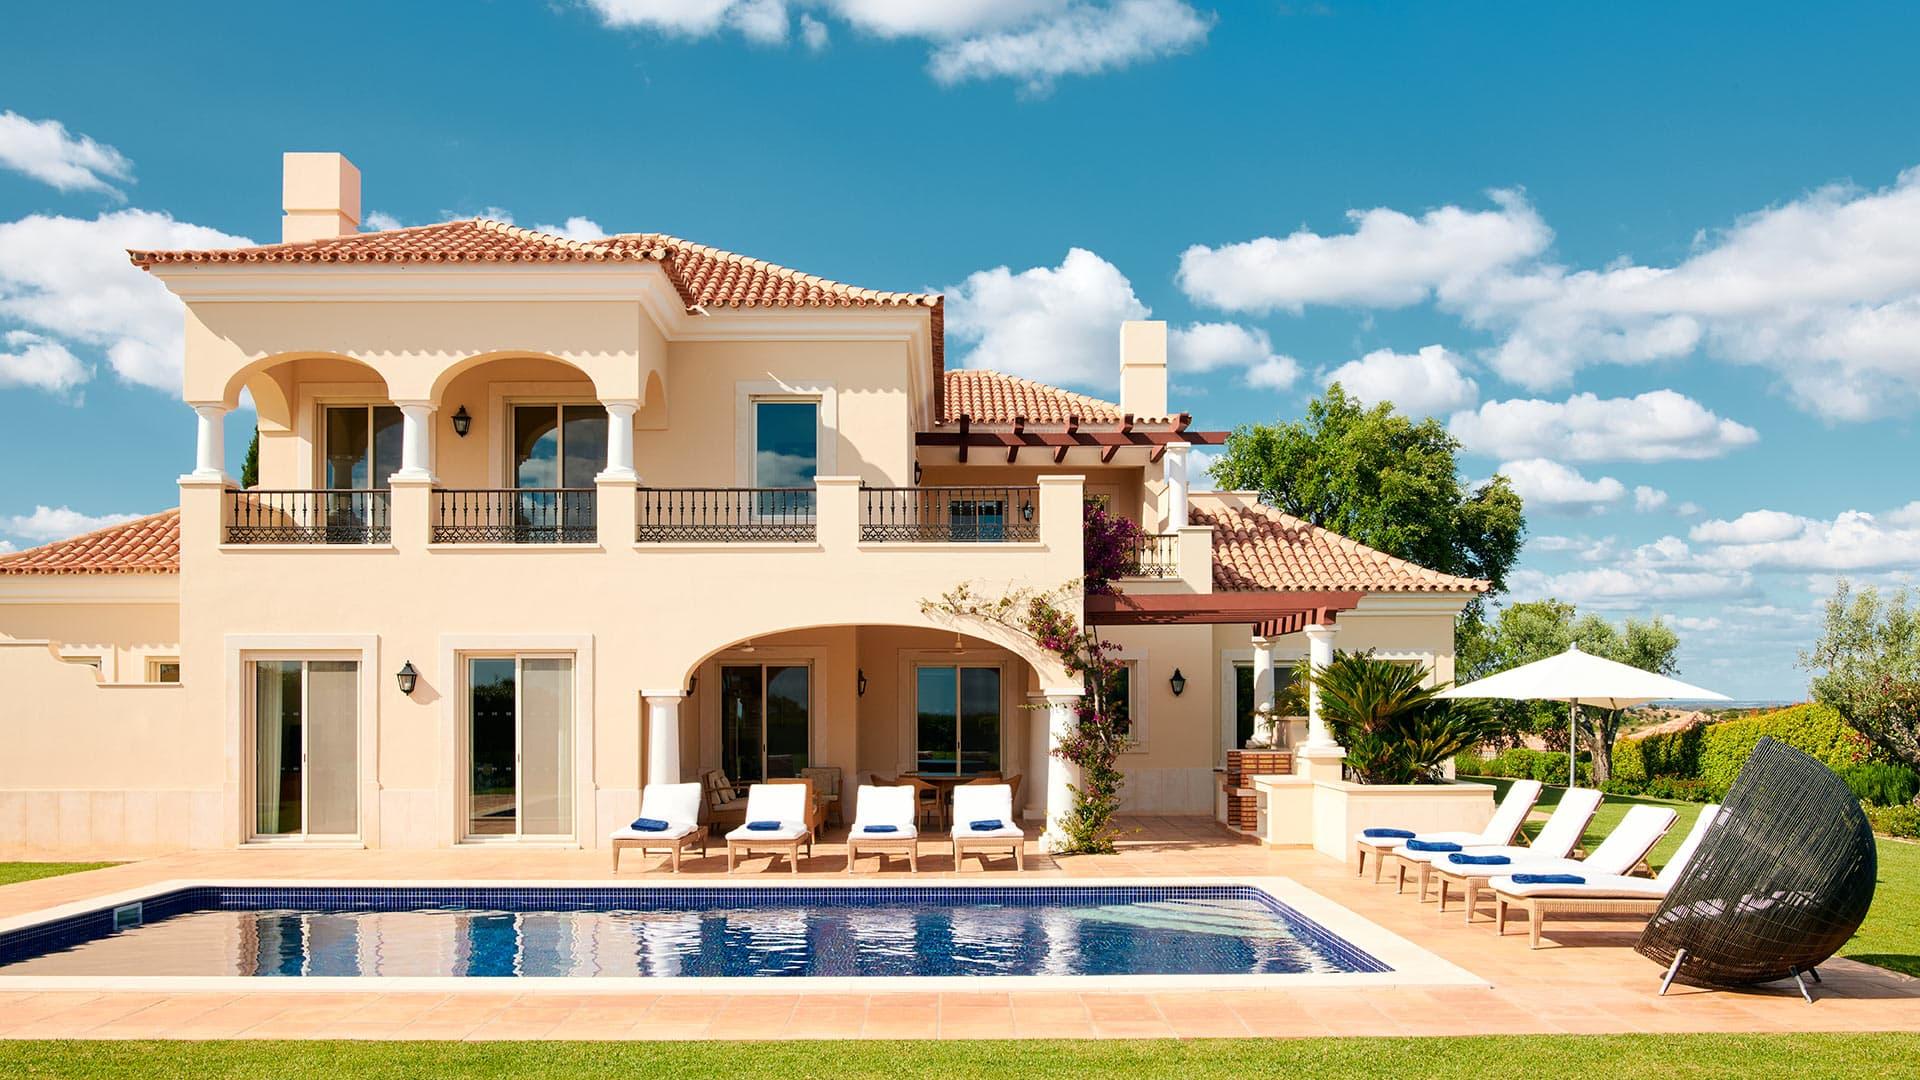 Villa Villa Royko, Rental in Algarve